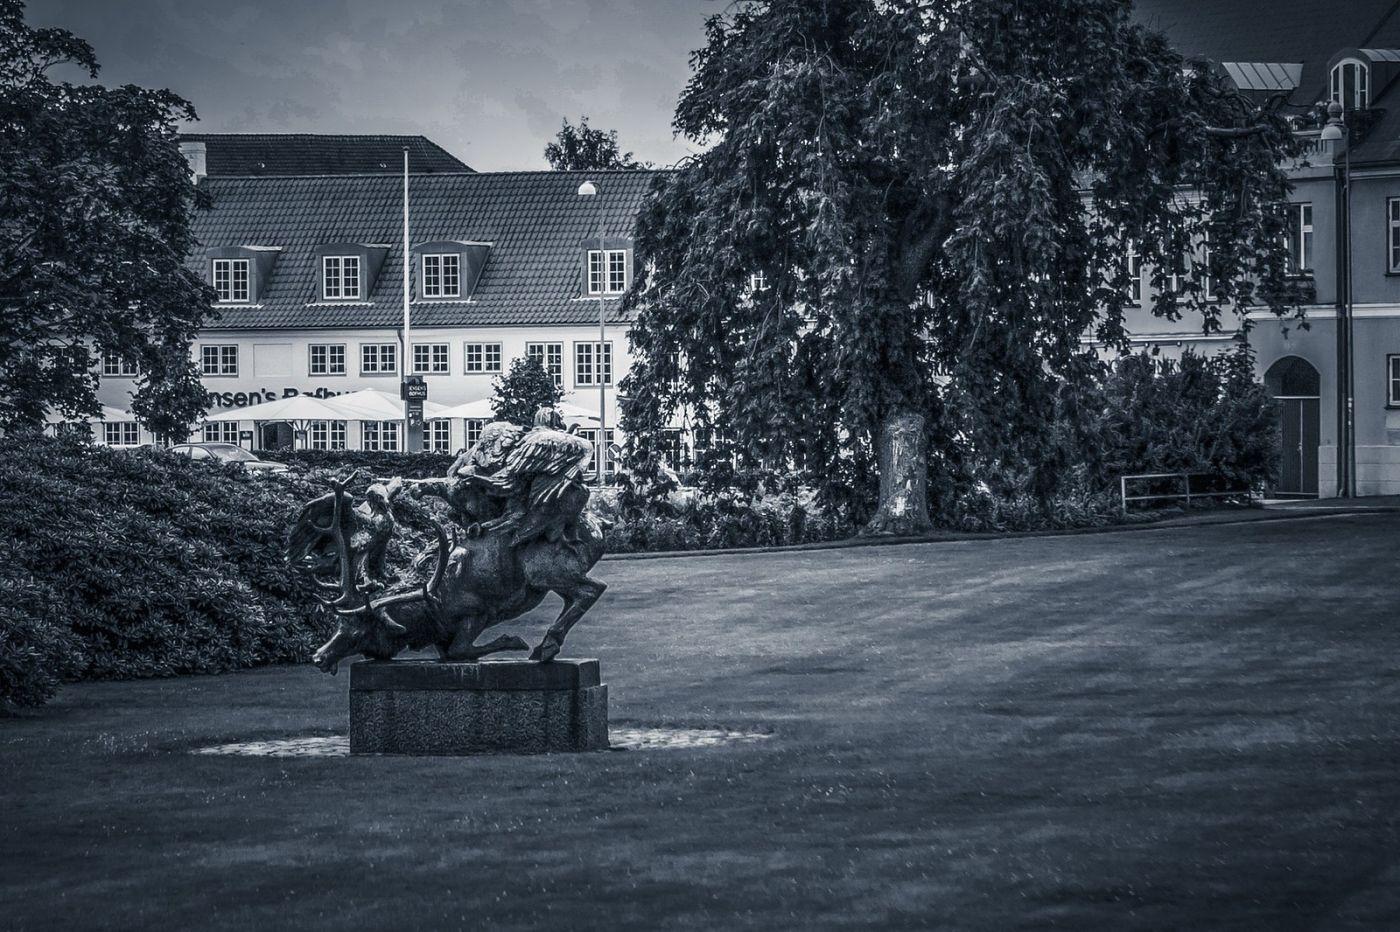 丹麦腓特烈堡城堡,回看历史_图1-22